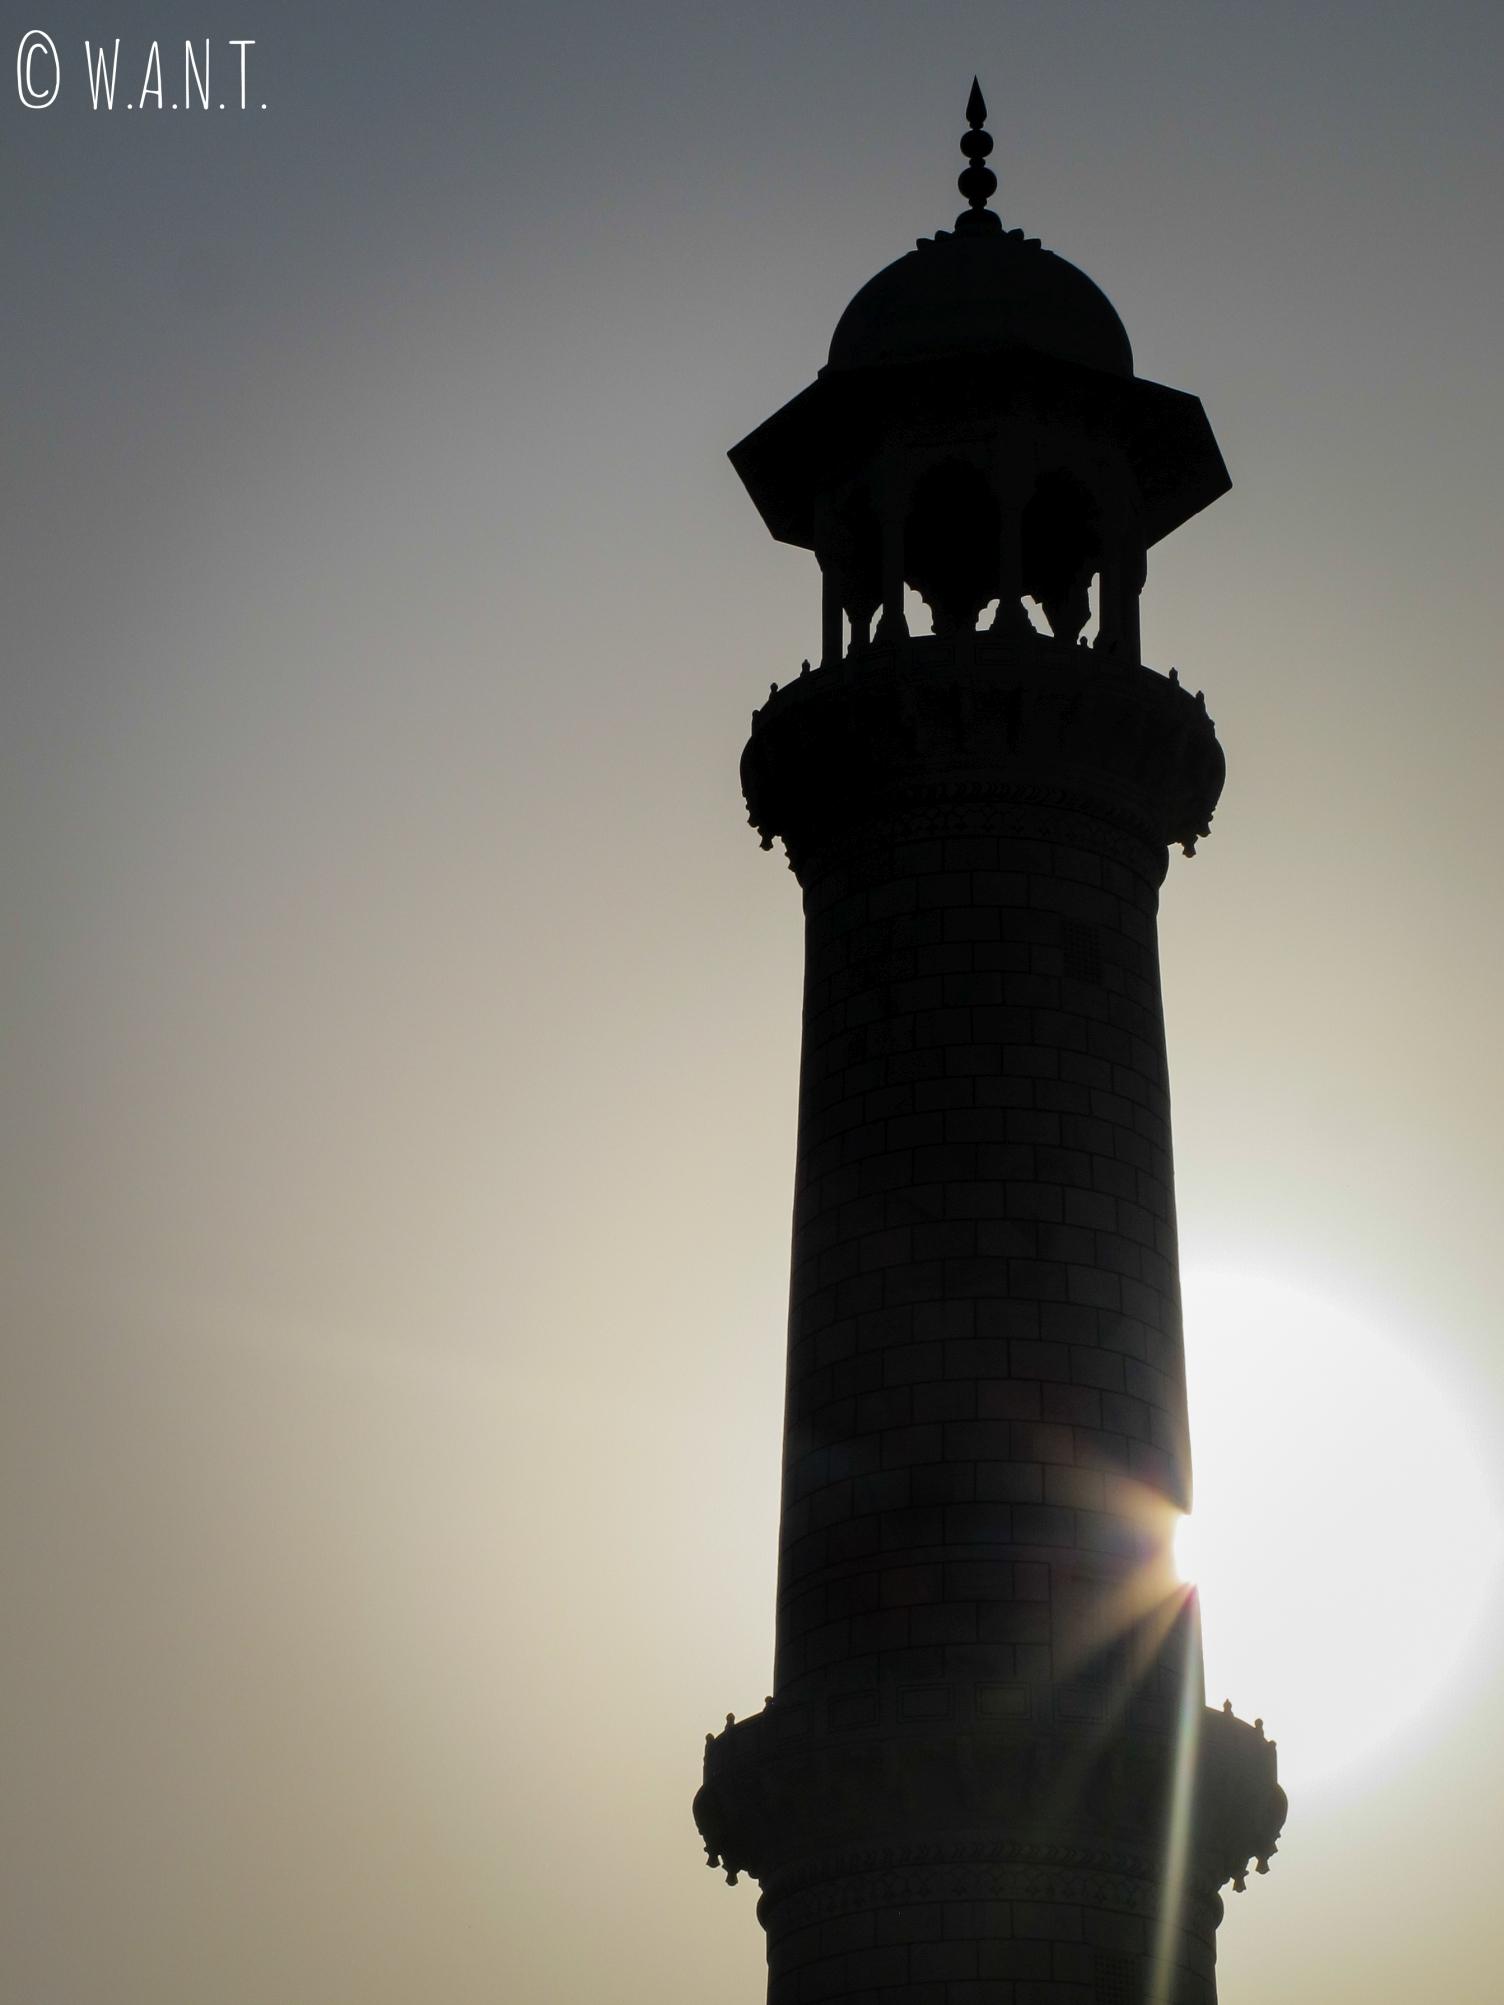 Le soleil se lève derrière l'un des minarets du Tak Mahal